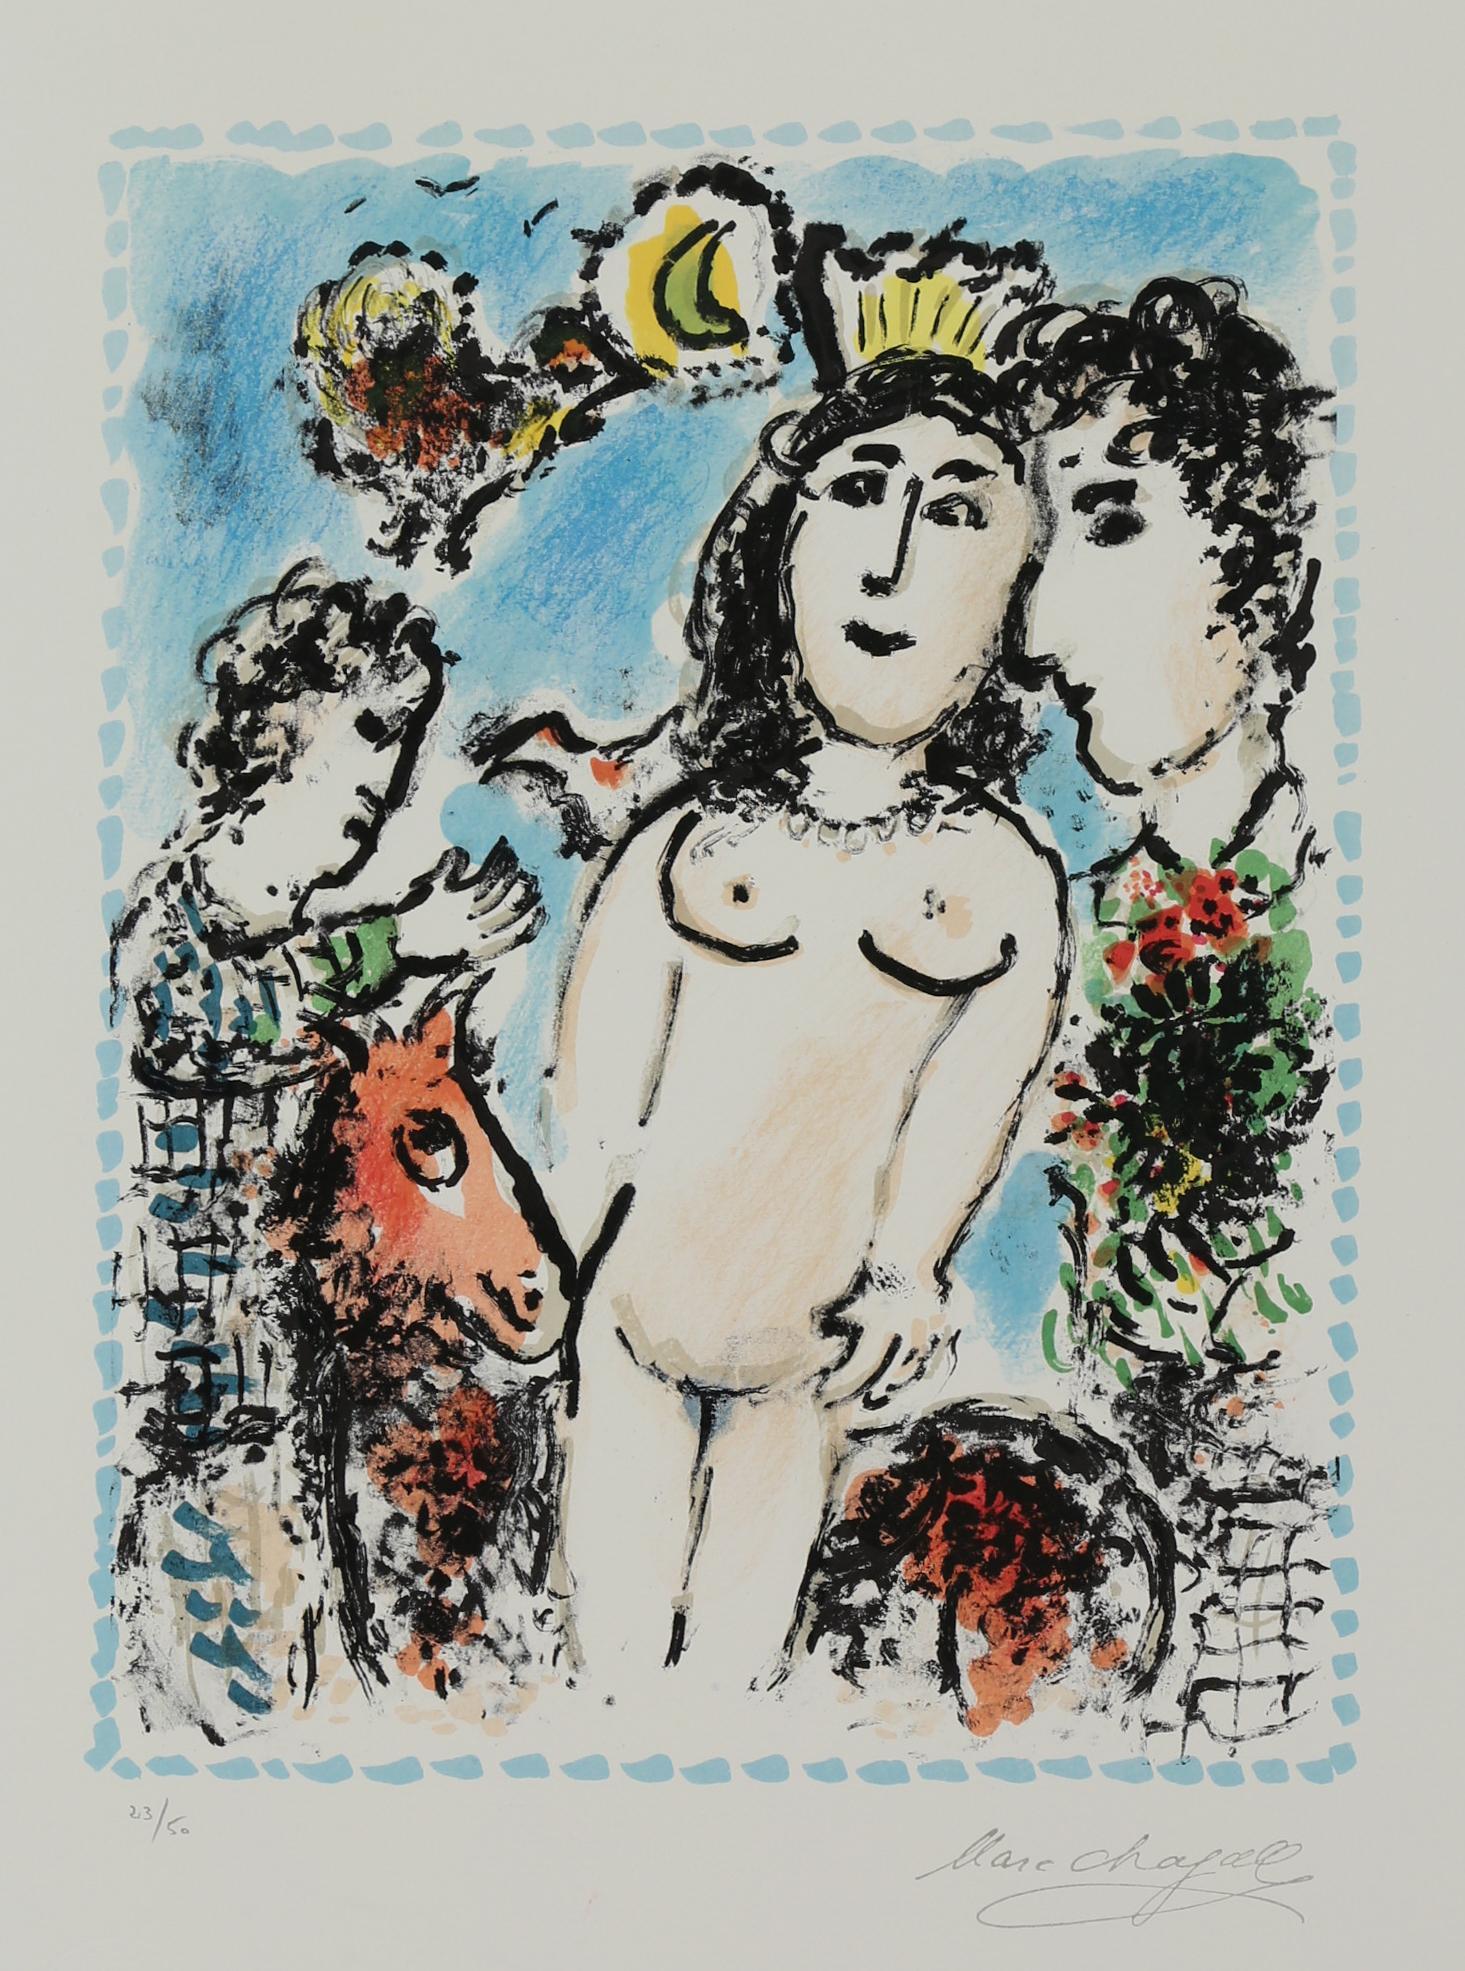 Le Nu Couronne, Limited Edition Lithograph